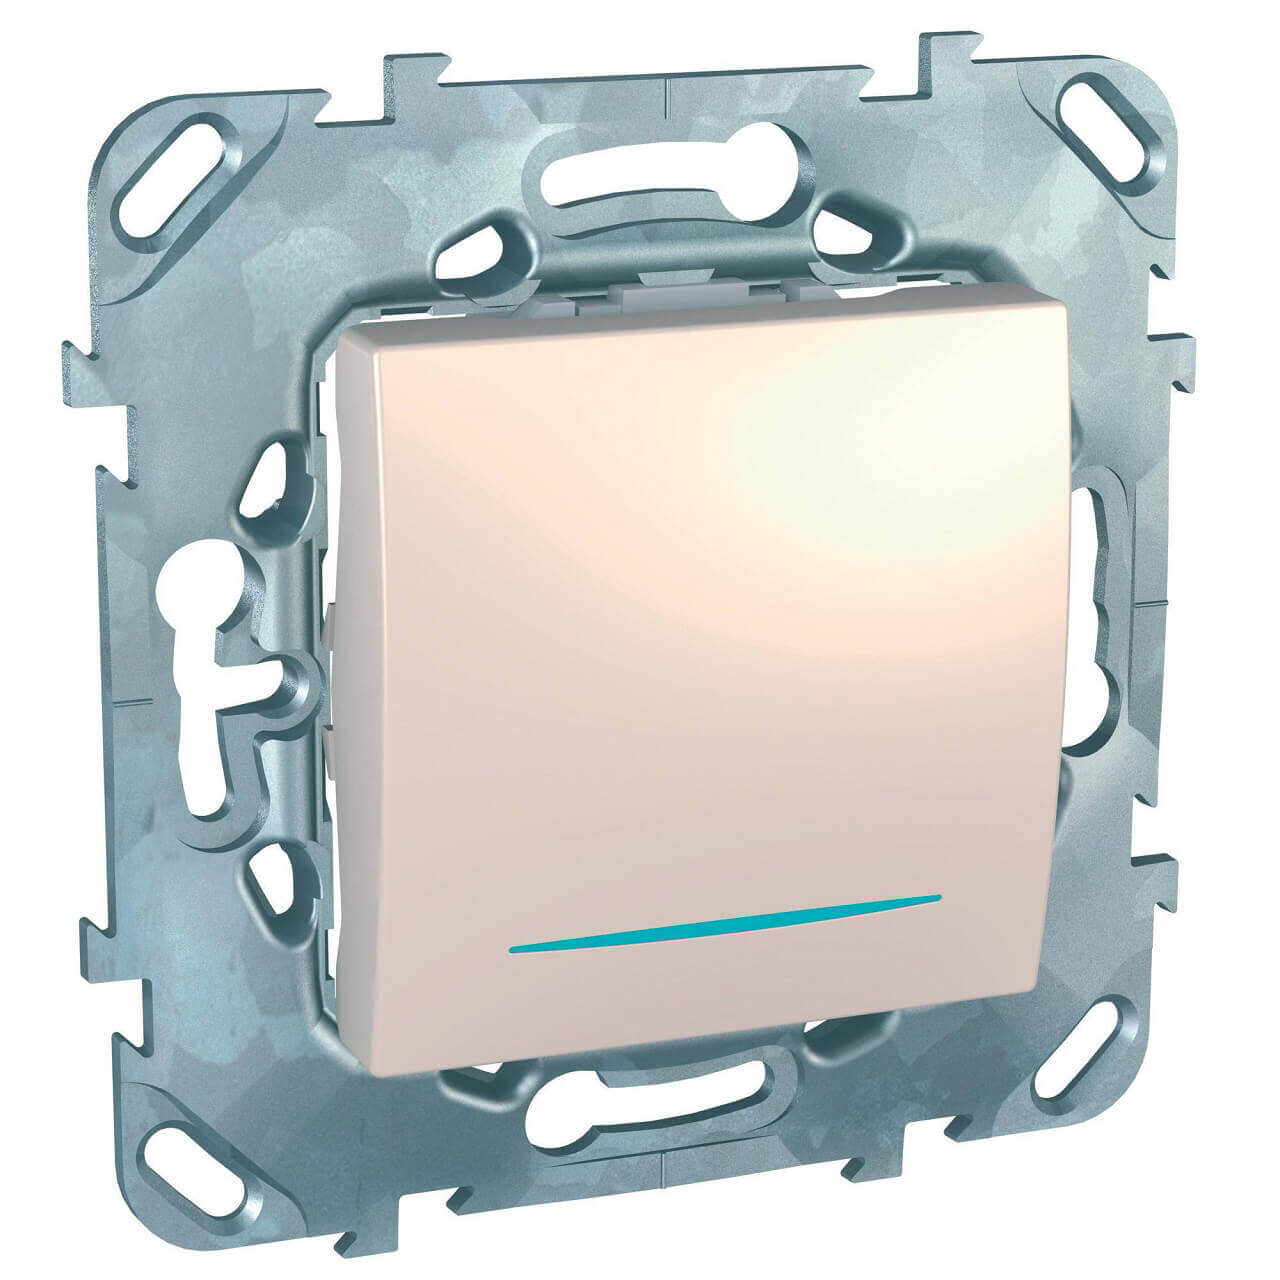 Переключатель одноклавишный перекрестный с подсветкой Schneider Electric Unica MGU5.205.25NZD schneider одноклавишный кнопочный выключатель unica с подсветкой графит